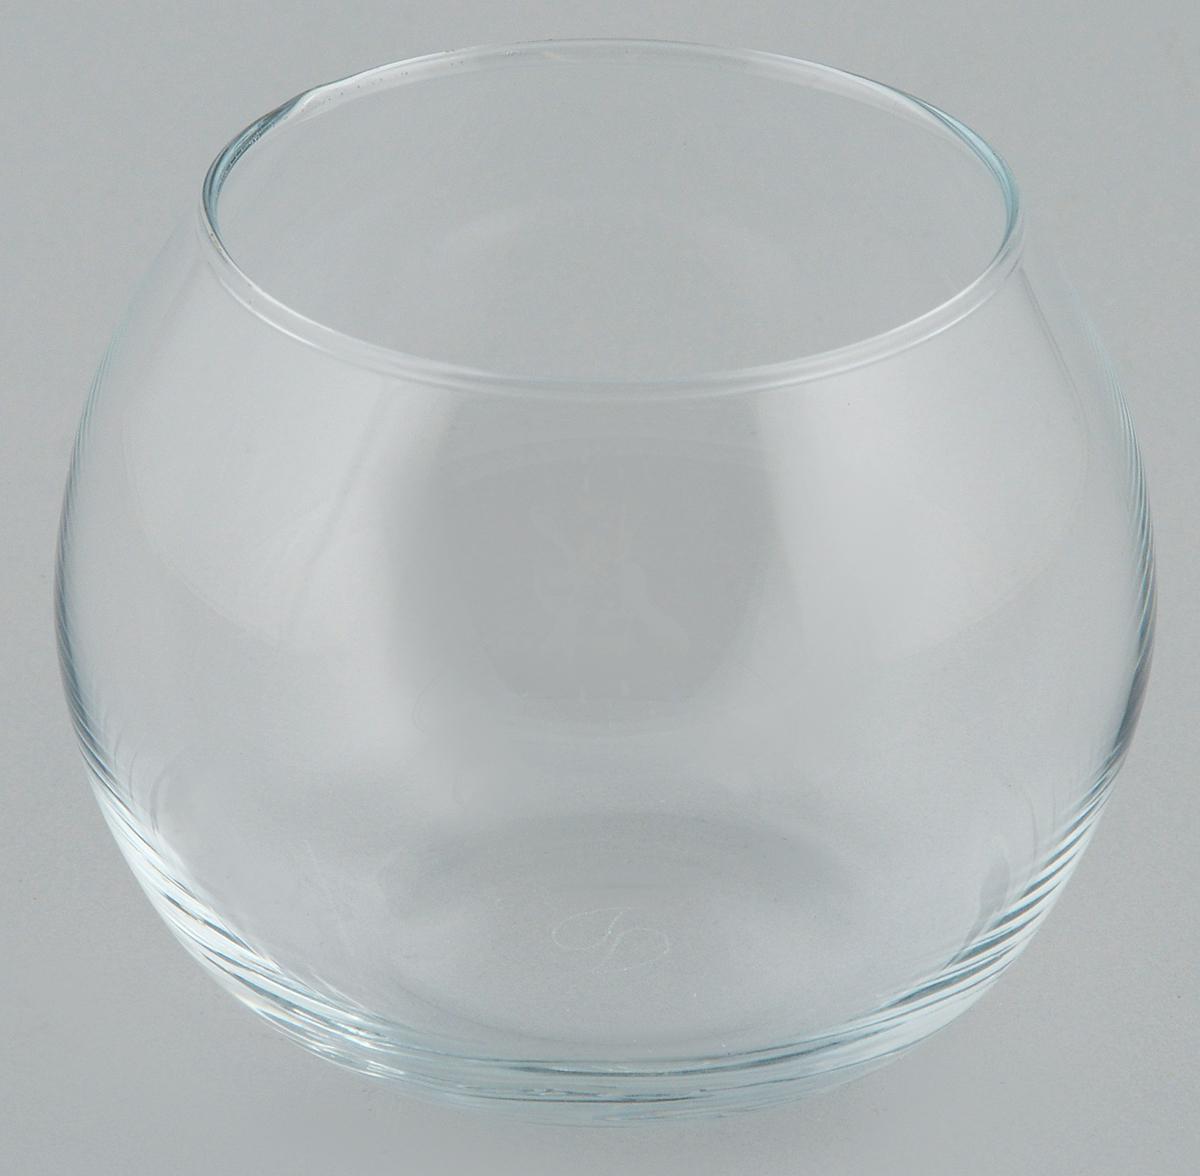 Ваза Pasabahce Flora, высота 7,9 см43407BДекоративная ваза Pasabahce Flora выполнена из высококачественного прозрачного стекла.Изделие придется по вкусу и ценителям классики, и тем, кто предпочитает утонченность и изящность. Вы можете поставить вазу в любом месте, где она будет удачно смотреться и радовать глаз. Такая ваза подойдет для декора интерьера. Кроме того - это отличный вариант подарка для ваших близких и друзей.Высота вазы: 7,9 см.